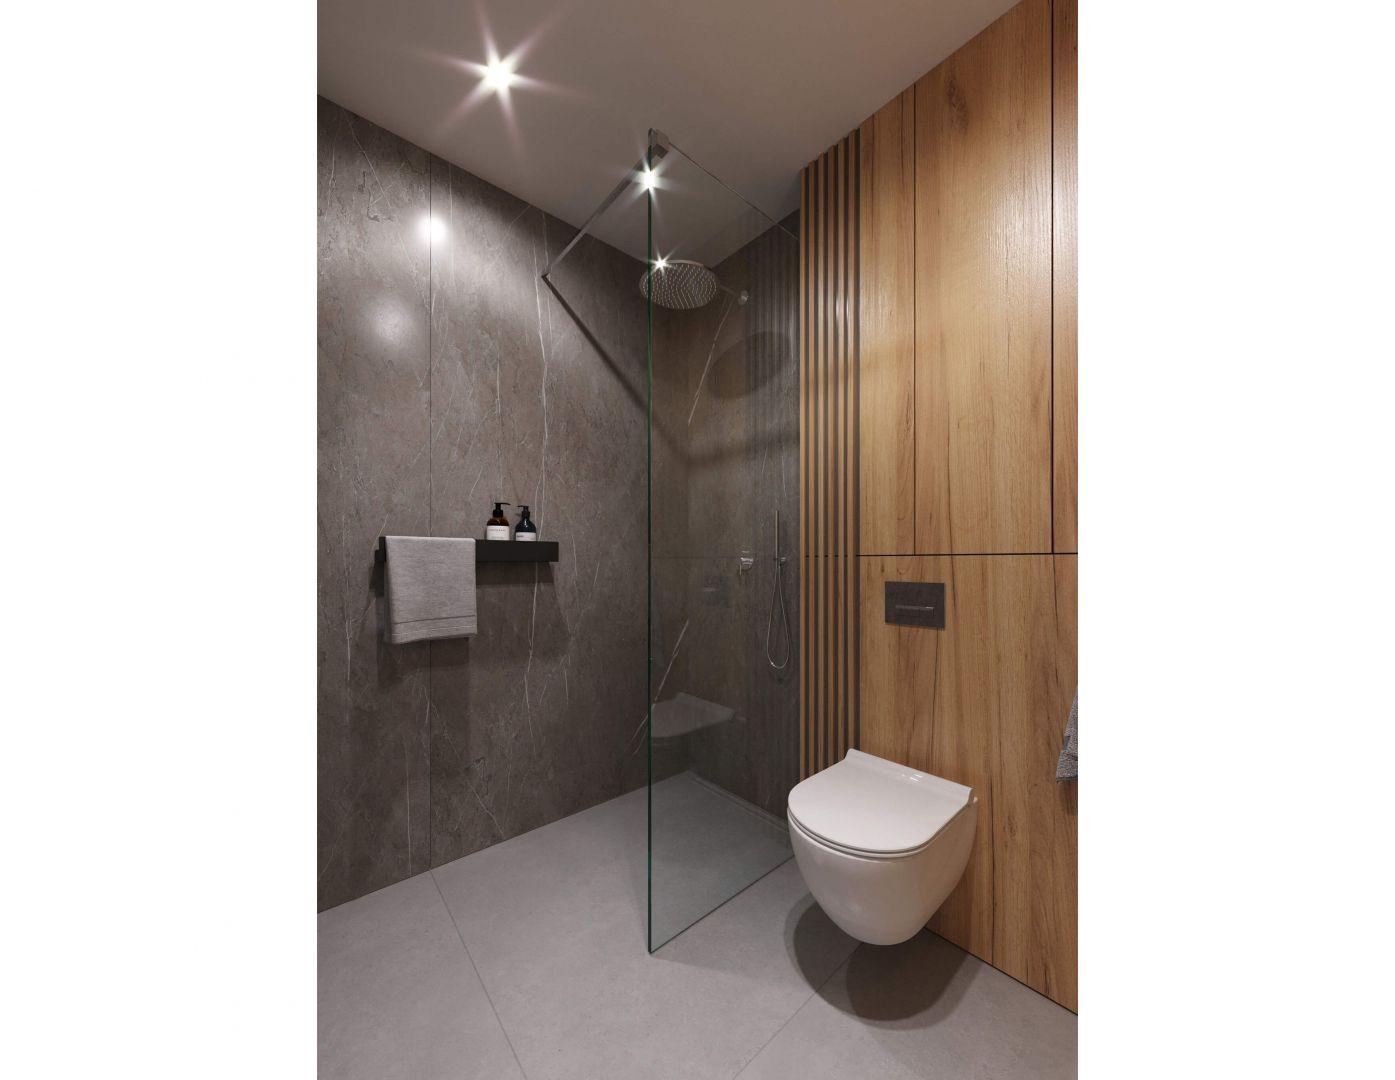 Prysznic, lustro i półka na przybory toaletowe to wystarczające rozwiązania dla niewielkiej rodziny.Projekt i wizualizacje: Tomasz Kaim, Agnieszka Drużkowska, kaim.work